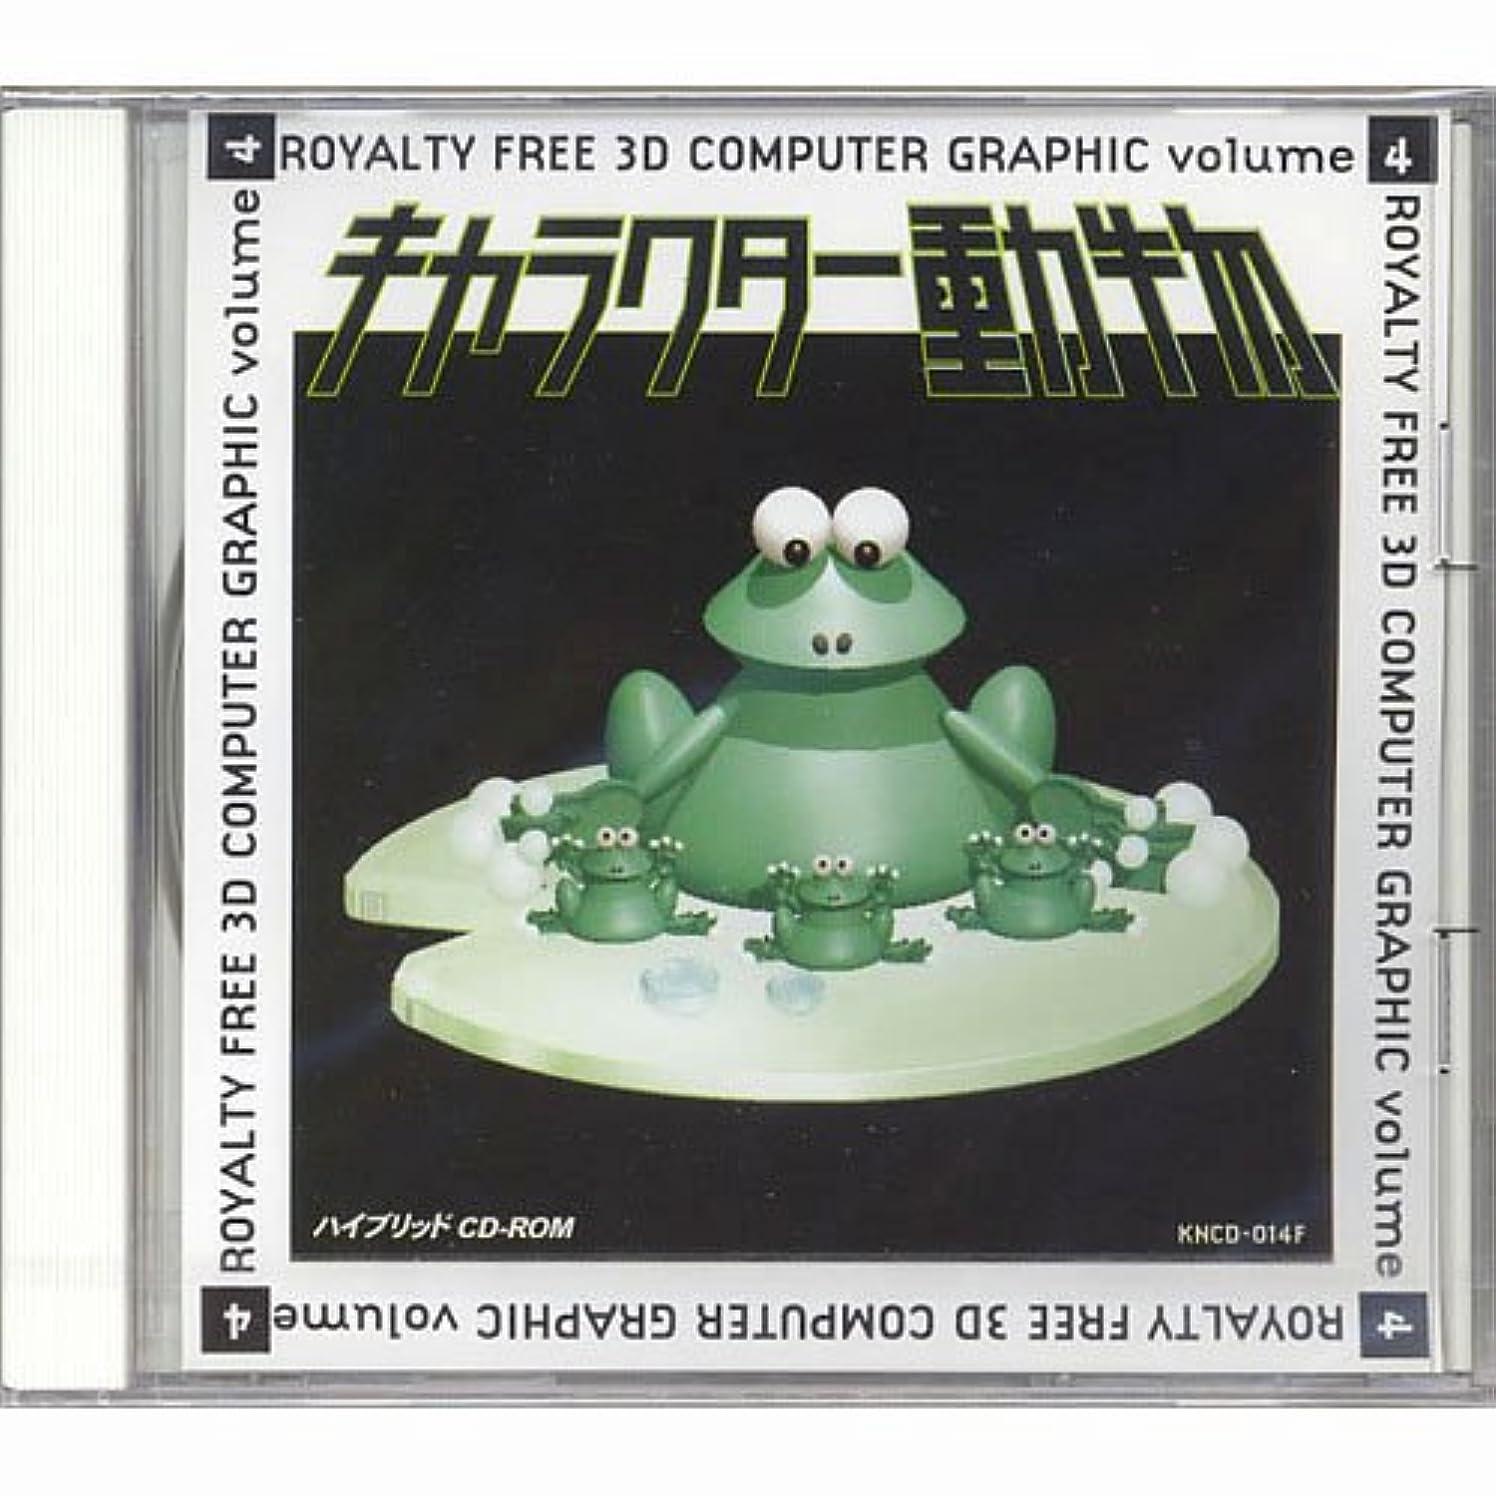 カトリック教徒マダムスキャンRoyalty Free 3D COMPUTER GRAPHIC vol.4「キャラクター動物」